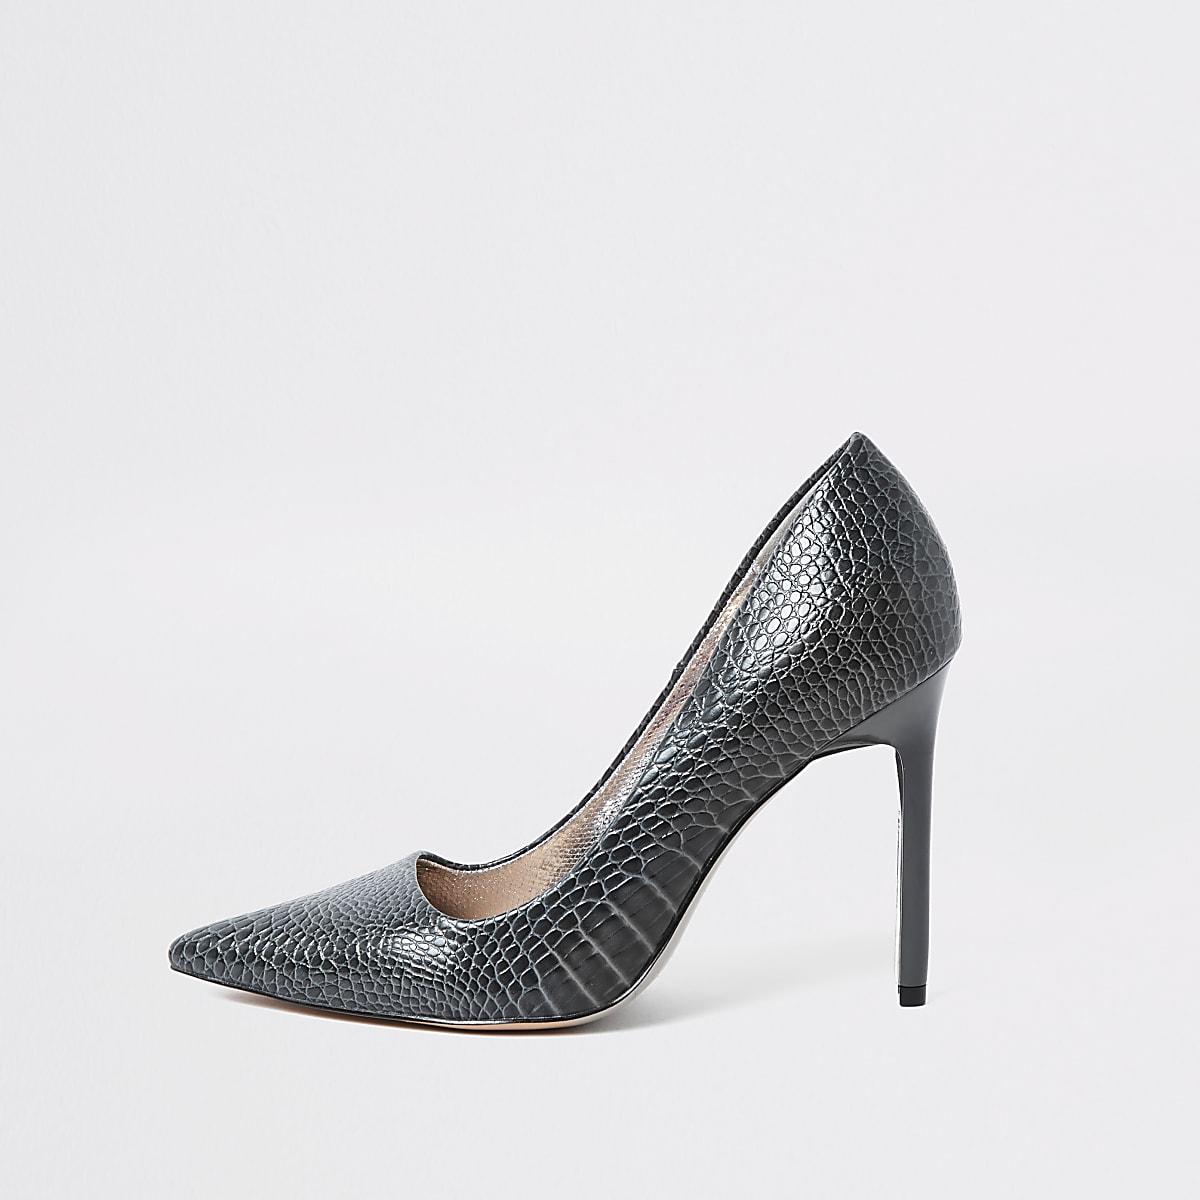 Grey croc skinny heel court shoes